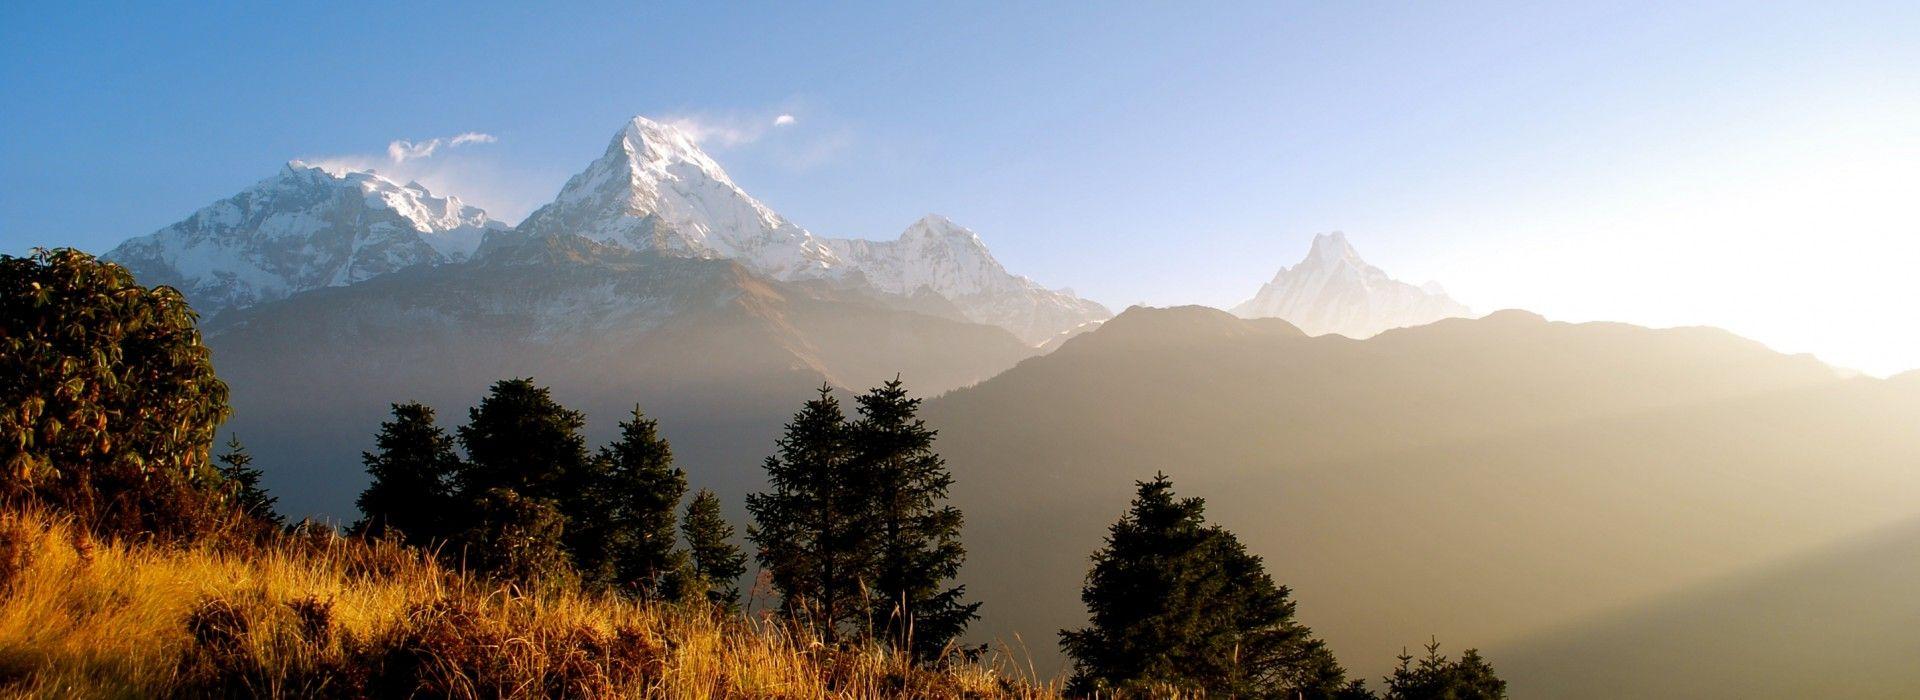 Adventure Tours in Annapurna Region